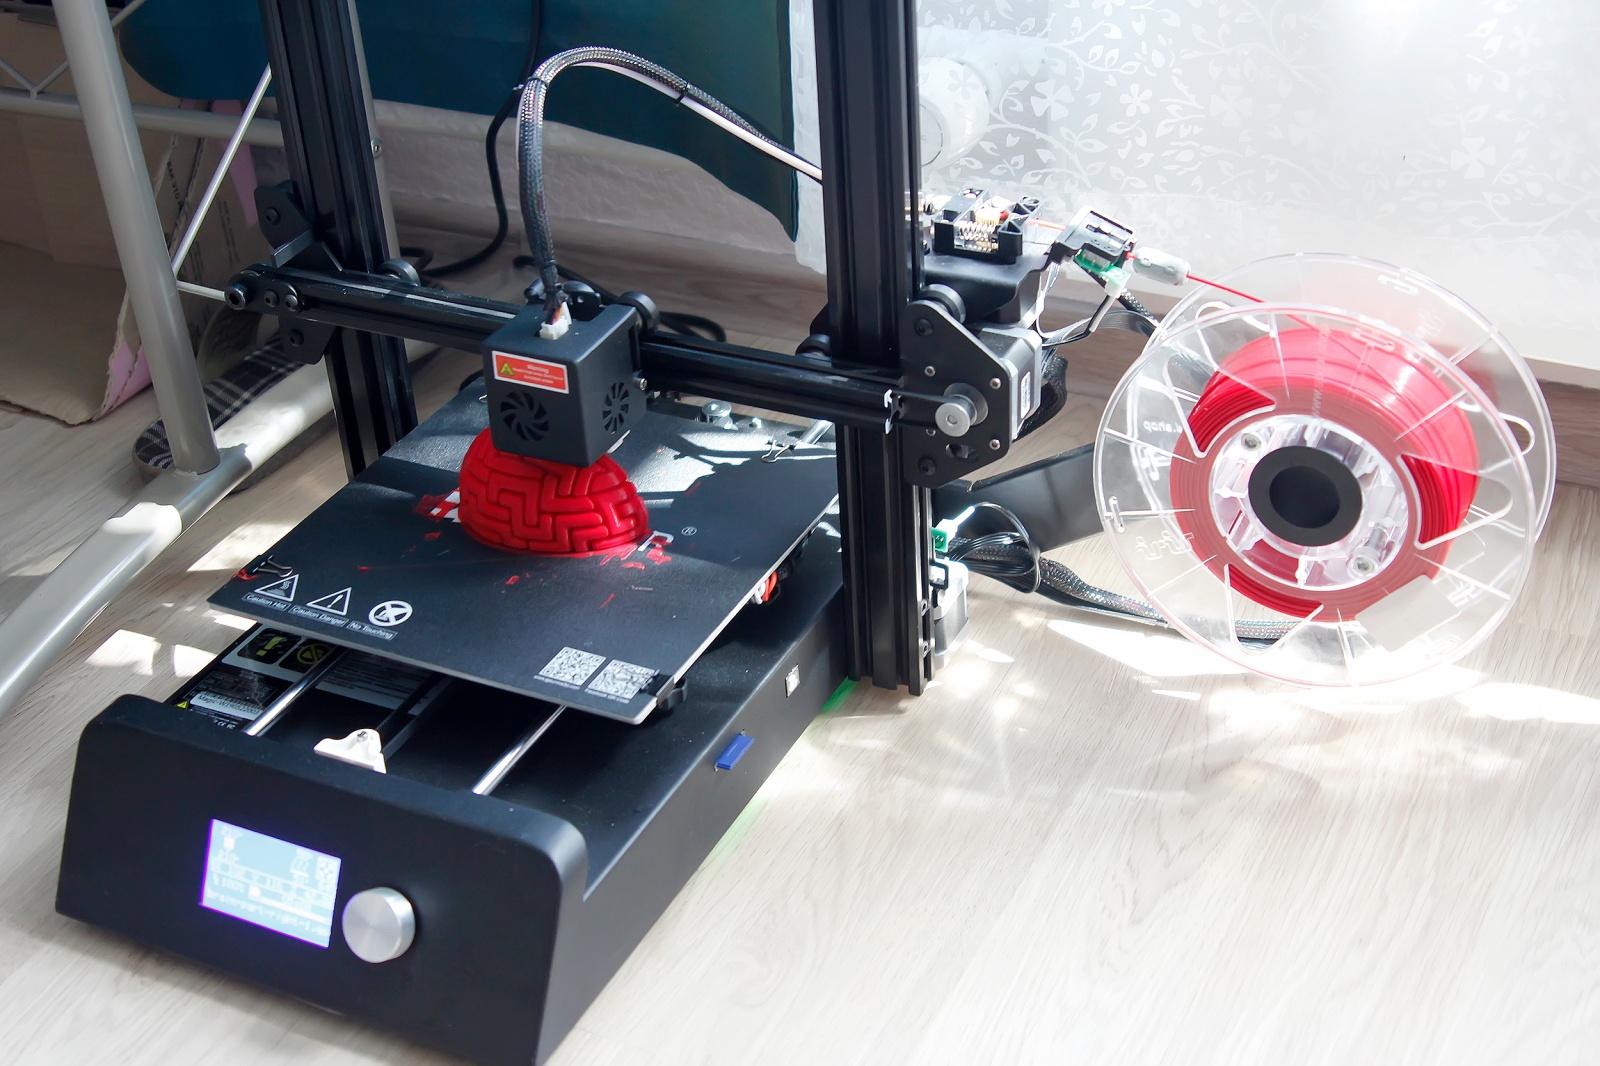 JG Maker — достойная альтернатива недорогим 3D-принтерам для начинающих - 1